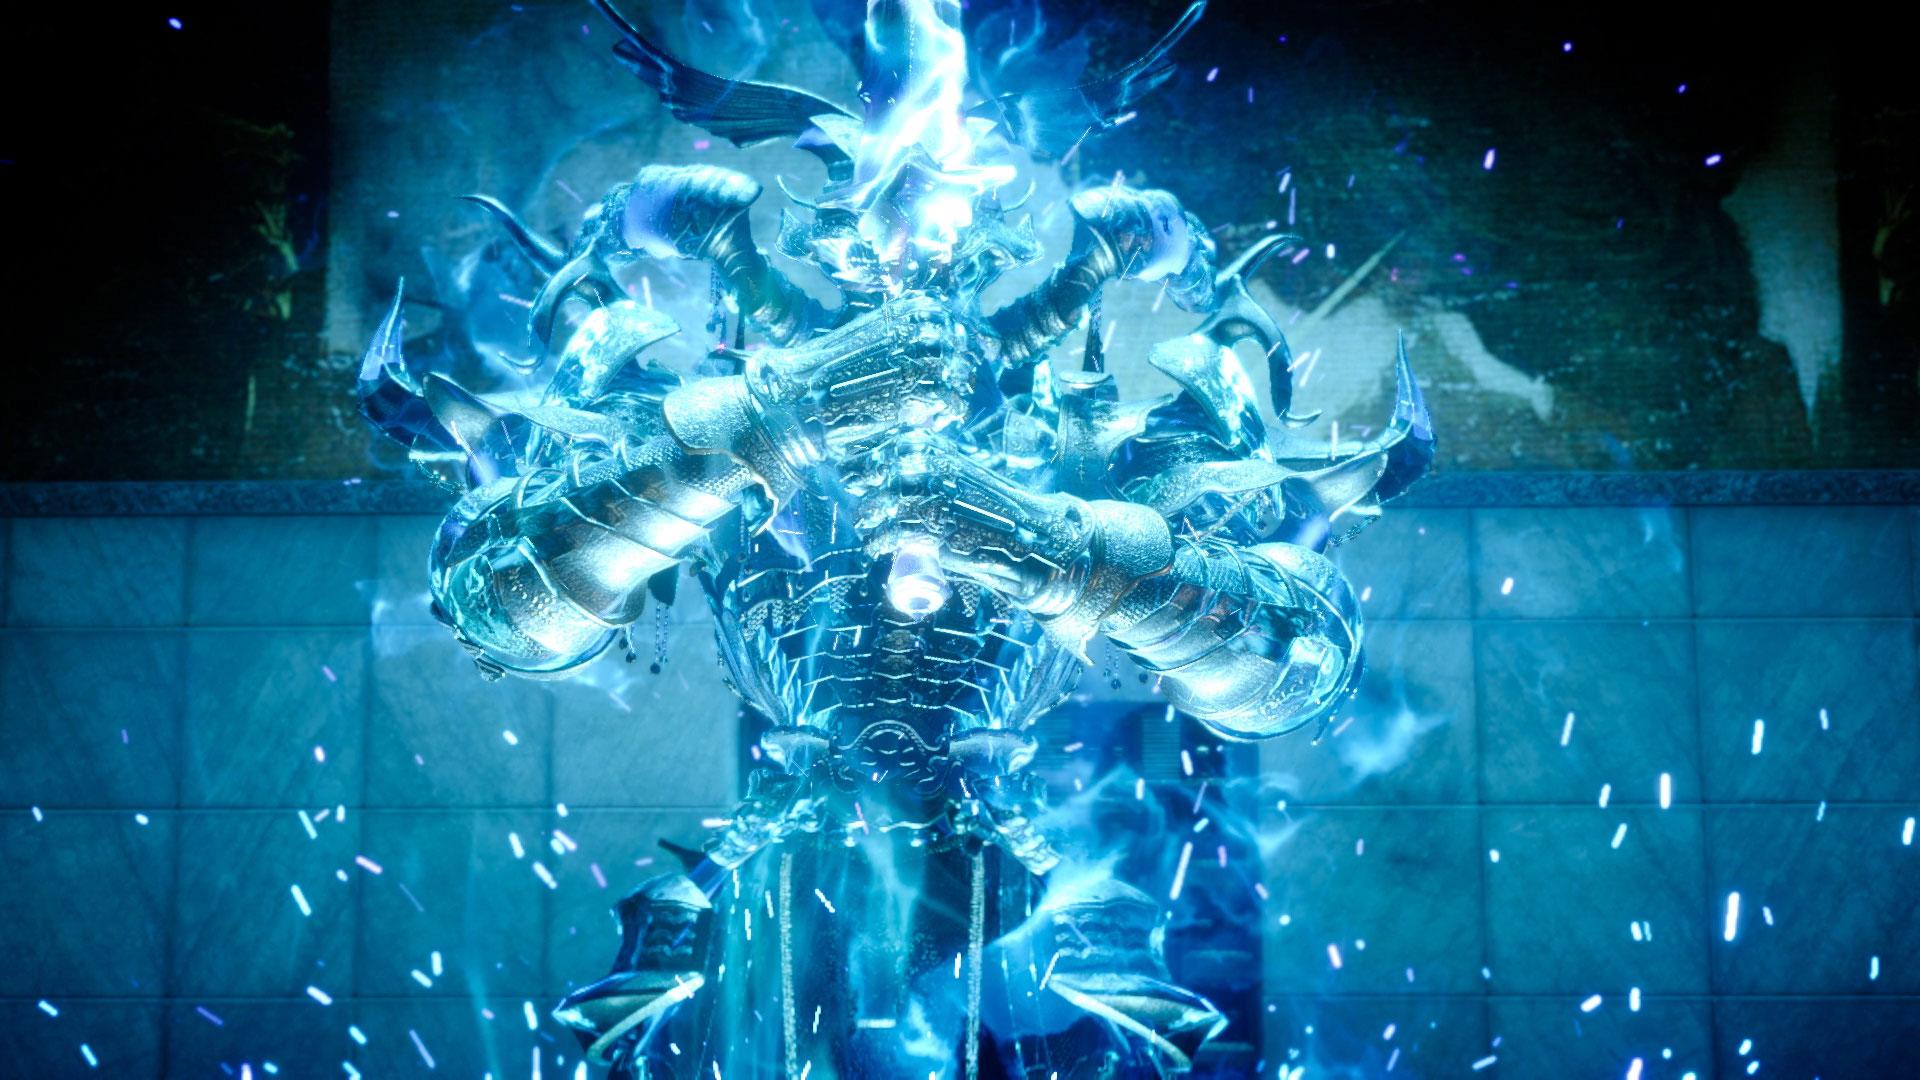 Final Fantasy XV Royal Edition Coming March 6th 2018